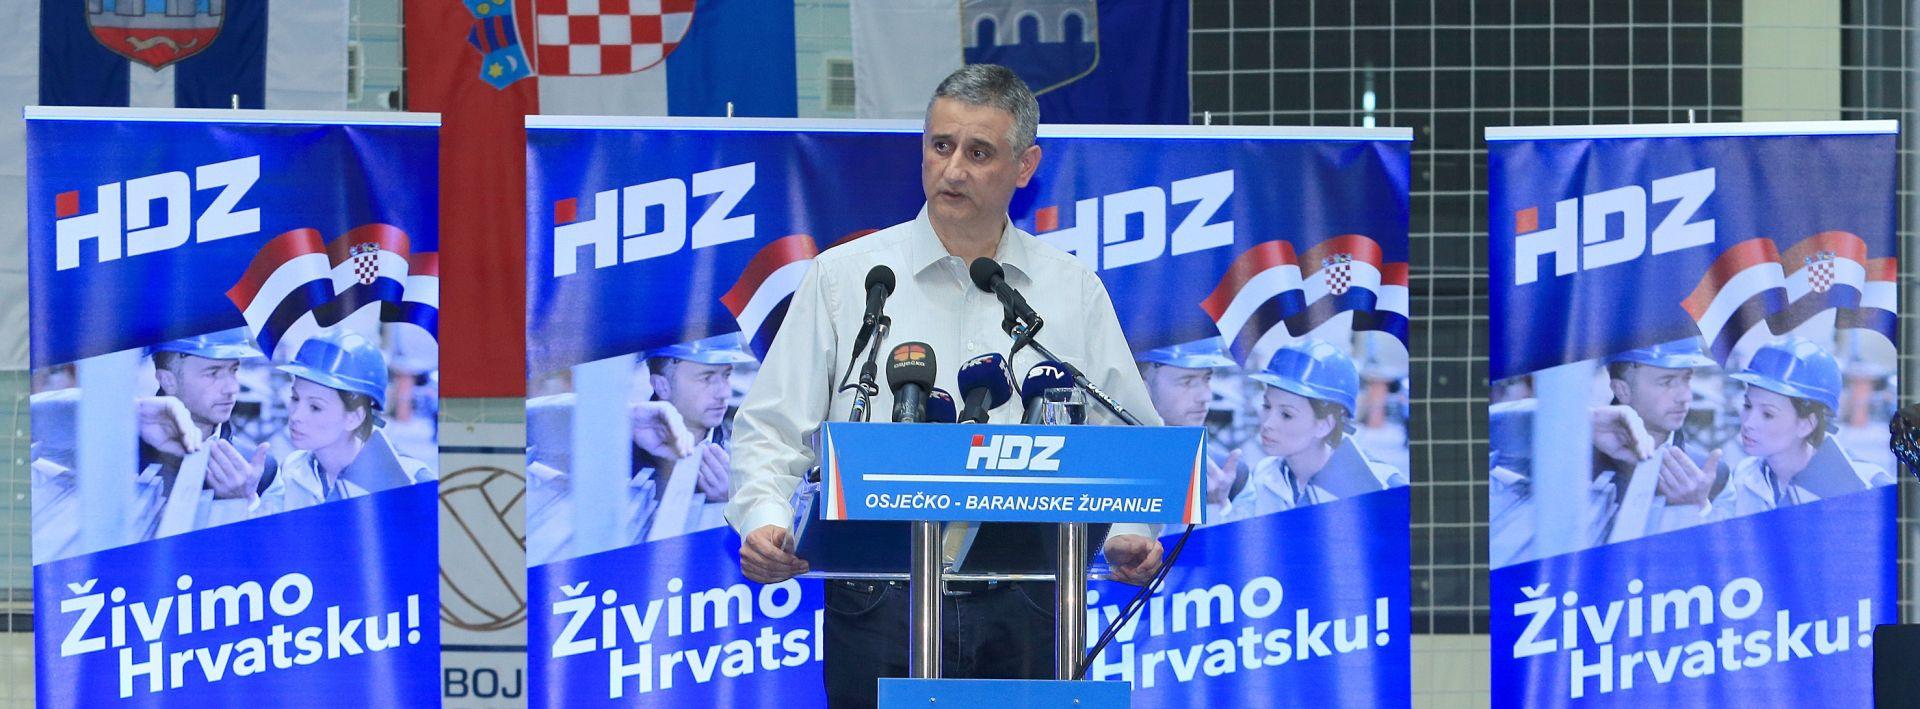 VELIKI ODAZIV BIRAČA: HDZ izrazio zadovoljstvo rezultatima izbora u Vrgorcu